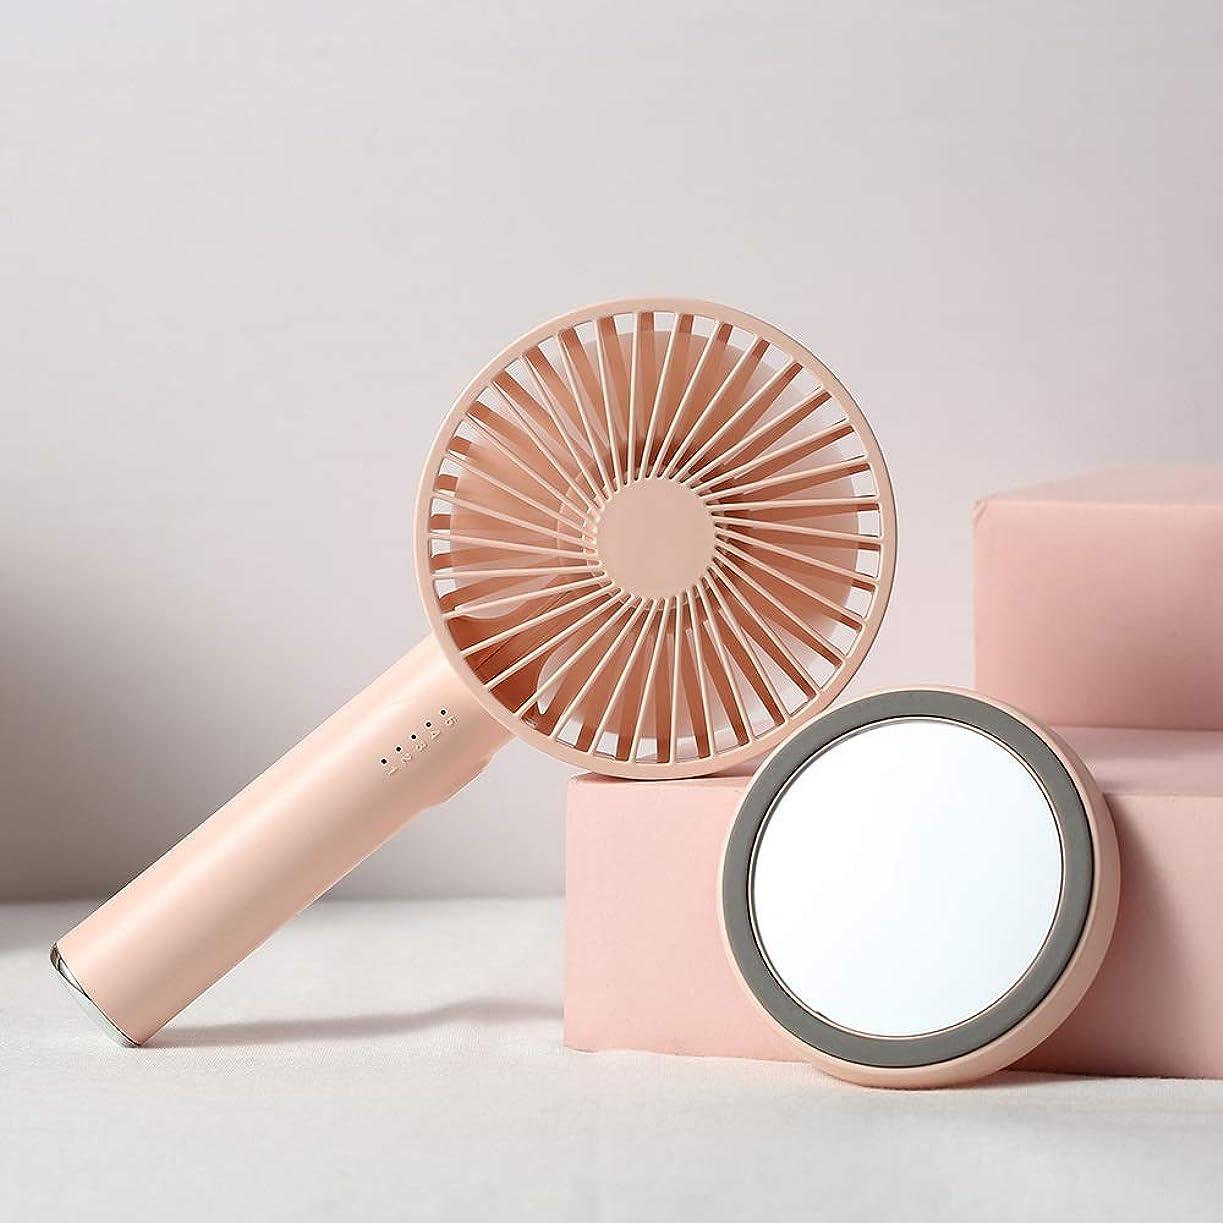 締め切り咲く真実に流行の クリエイティブ新しいファンの化粧鏡の手持ち型の無声ファン5速調整ポータブル屋外の美しさのミラーミラー2つの黄色のモデルピンク (色 : Pink)